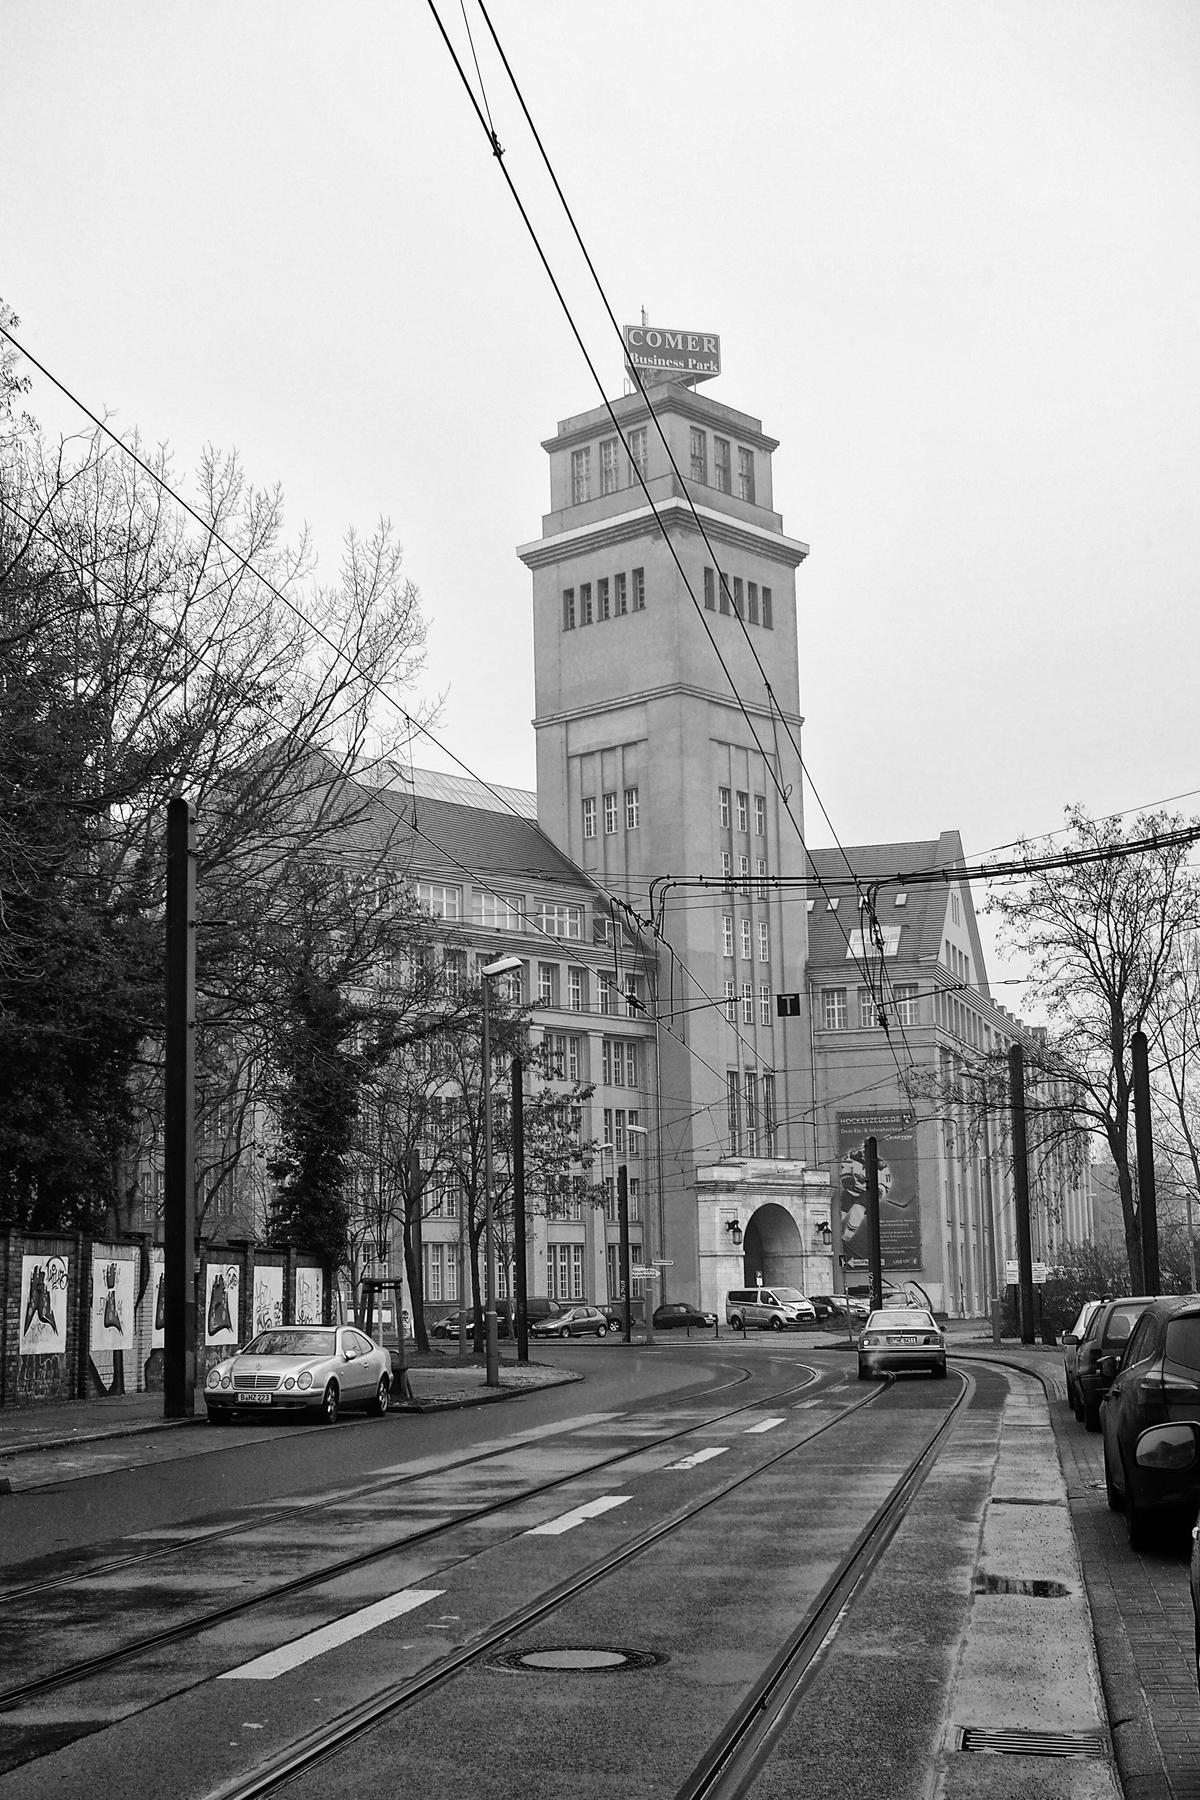 Berlin - Behrensbau, Peter Behrens